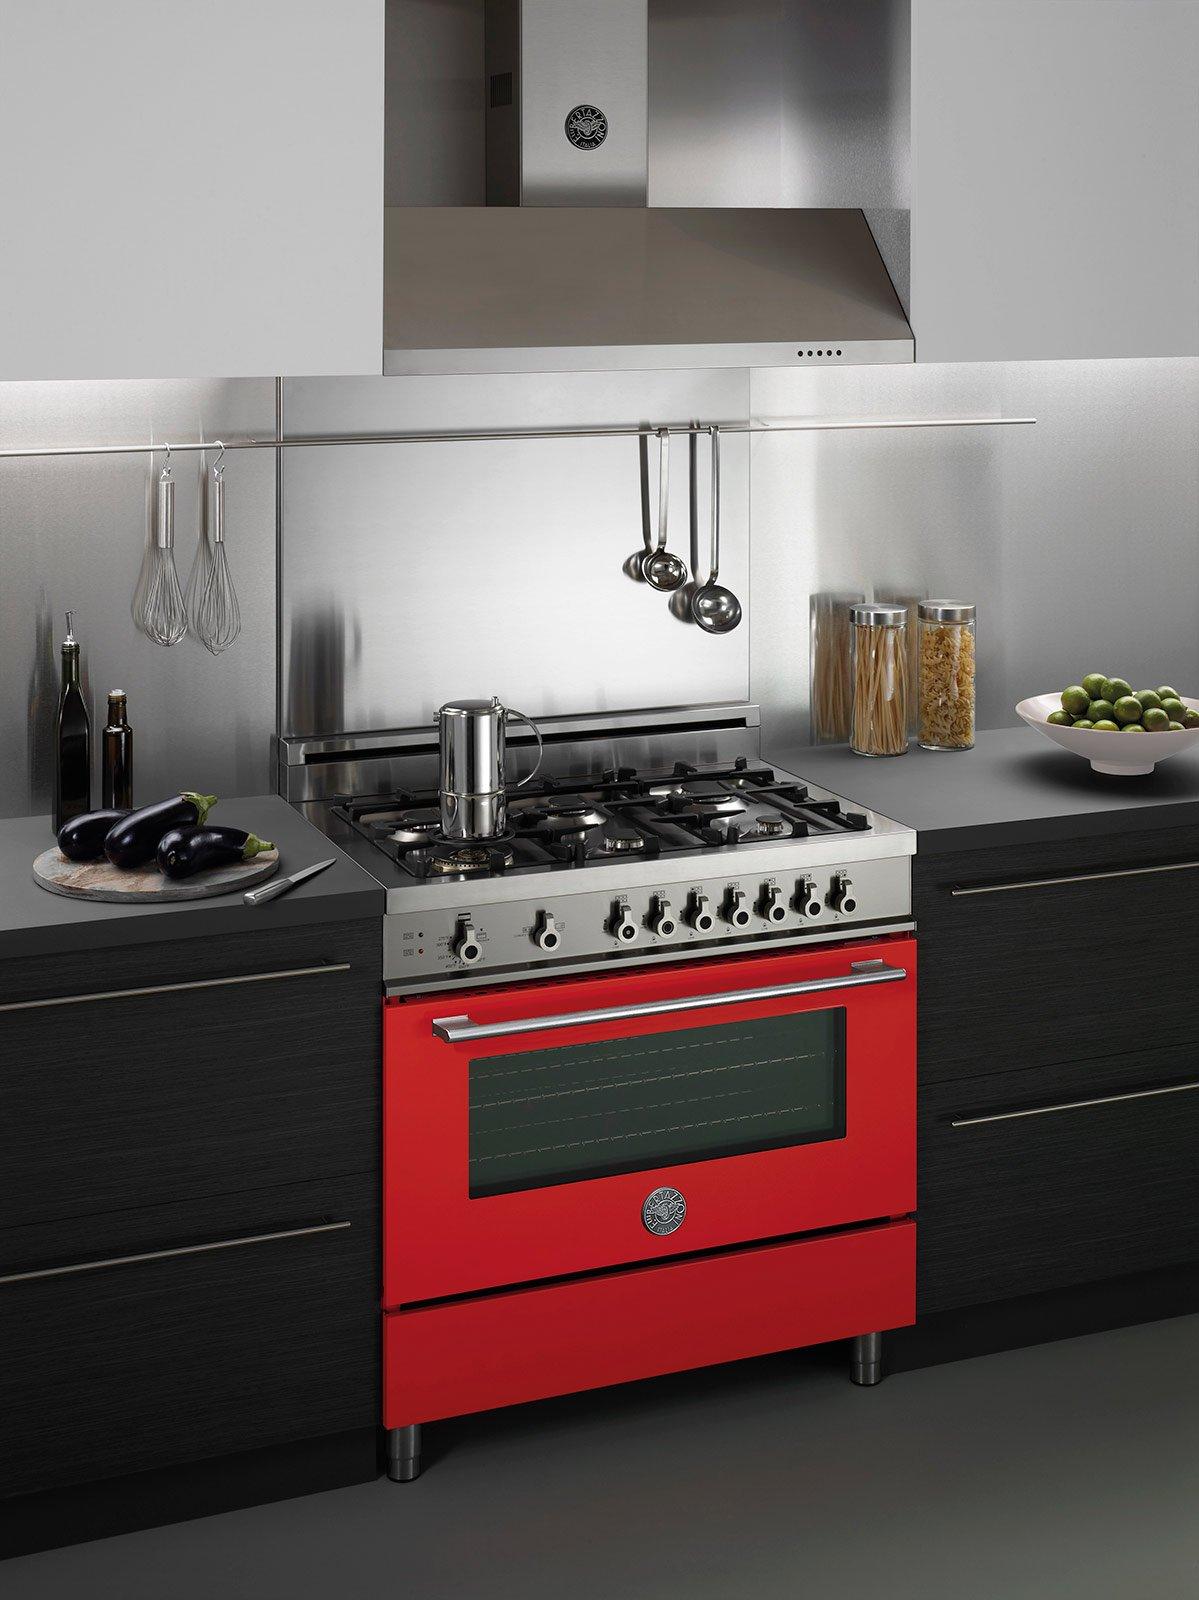 Cucina monoblocco piano cottura e forno tutto in uno - Cucina a gas da 90 ...